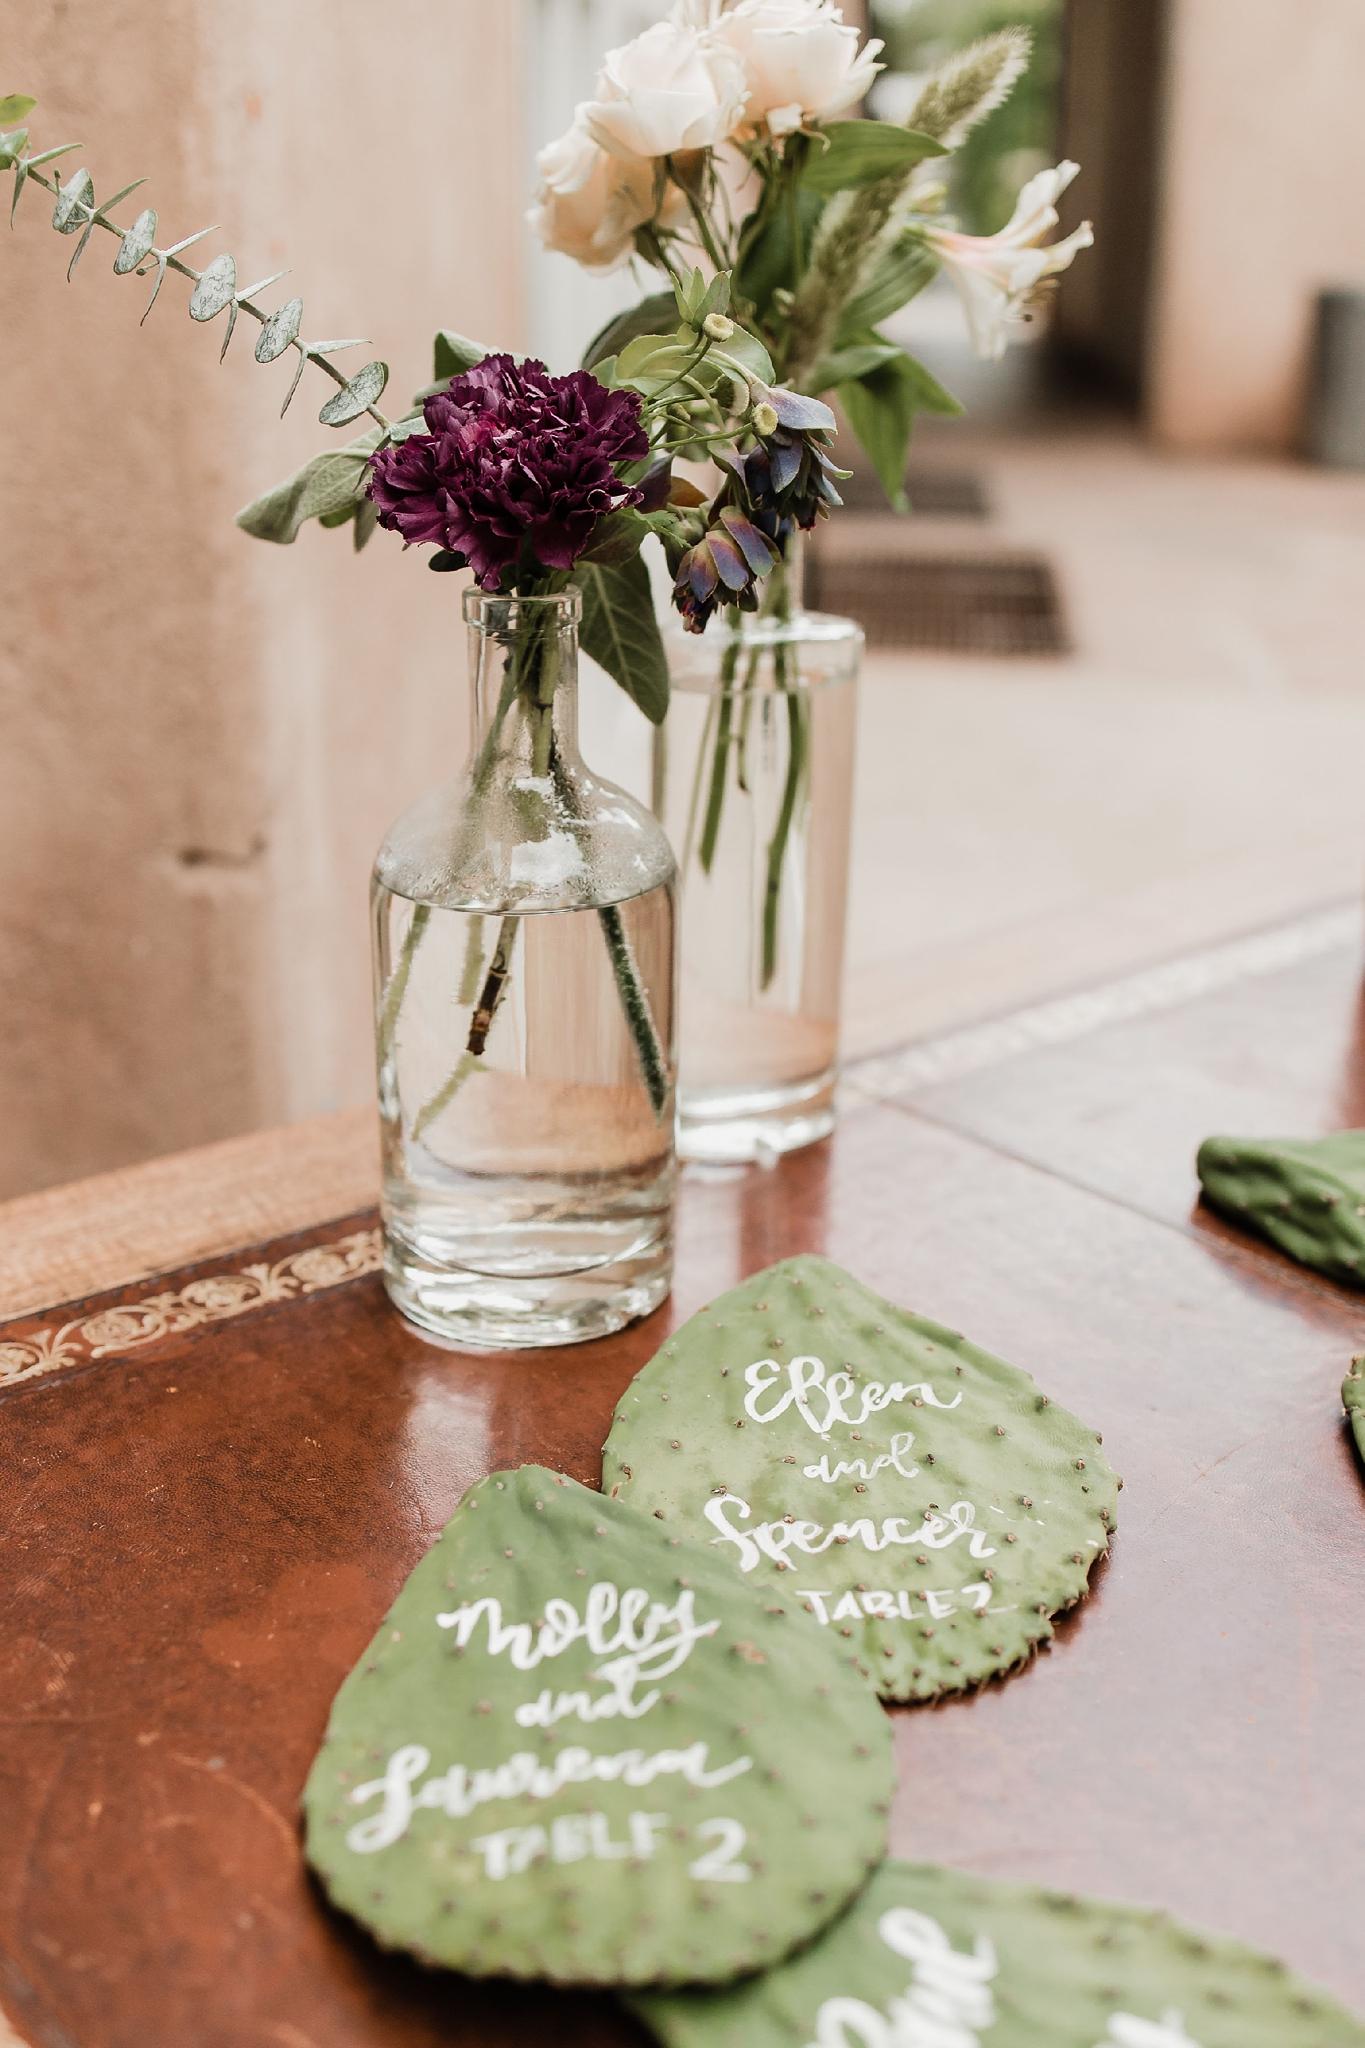 Alicia+lucia+photography+-+albuquerque+wedding+photographer+-+santa+fe+wedding+photography+-+new+mexico+wedding+photographer+-+new+mexico+wedding+-+new+mexico+wedding+-+wedding+florals+-+desert+wedding+-+wedding+trends_0009.jpg